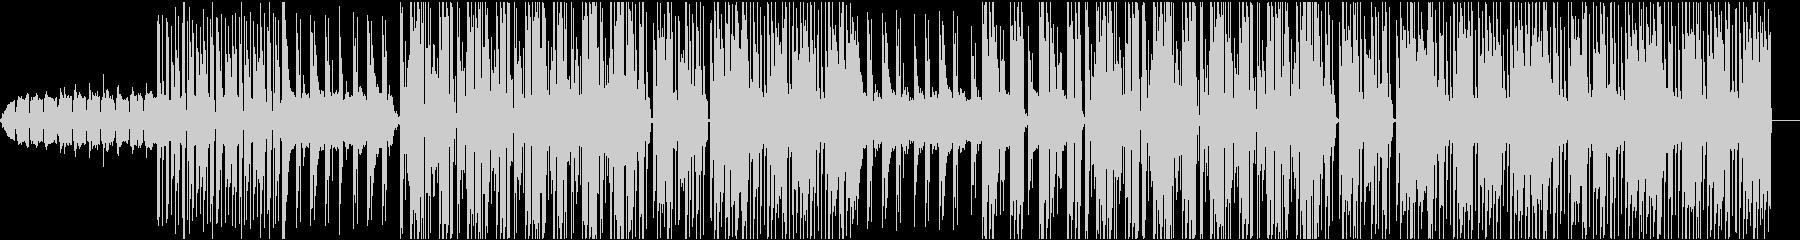 チルアウト、トラップ、シンセ、エレクトロの未再生の波形